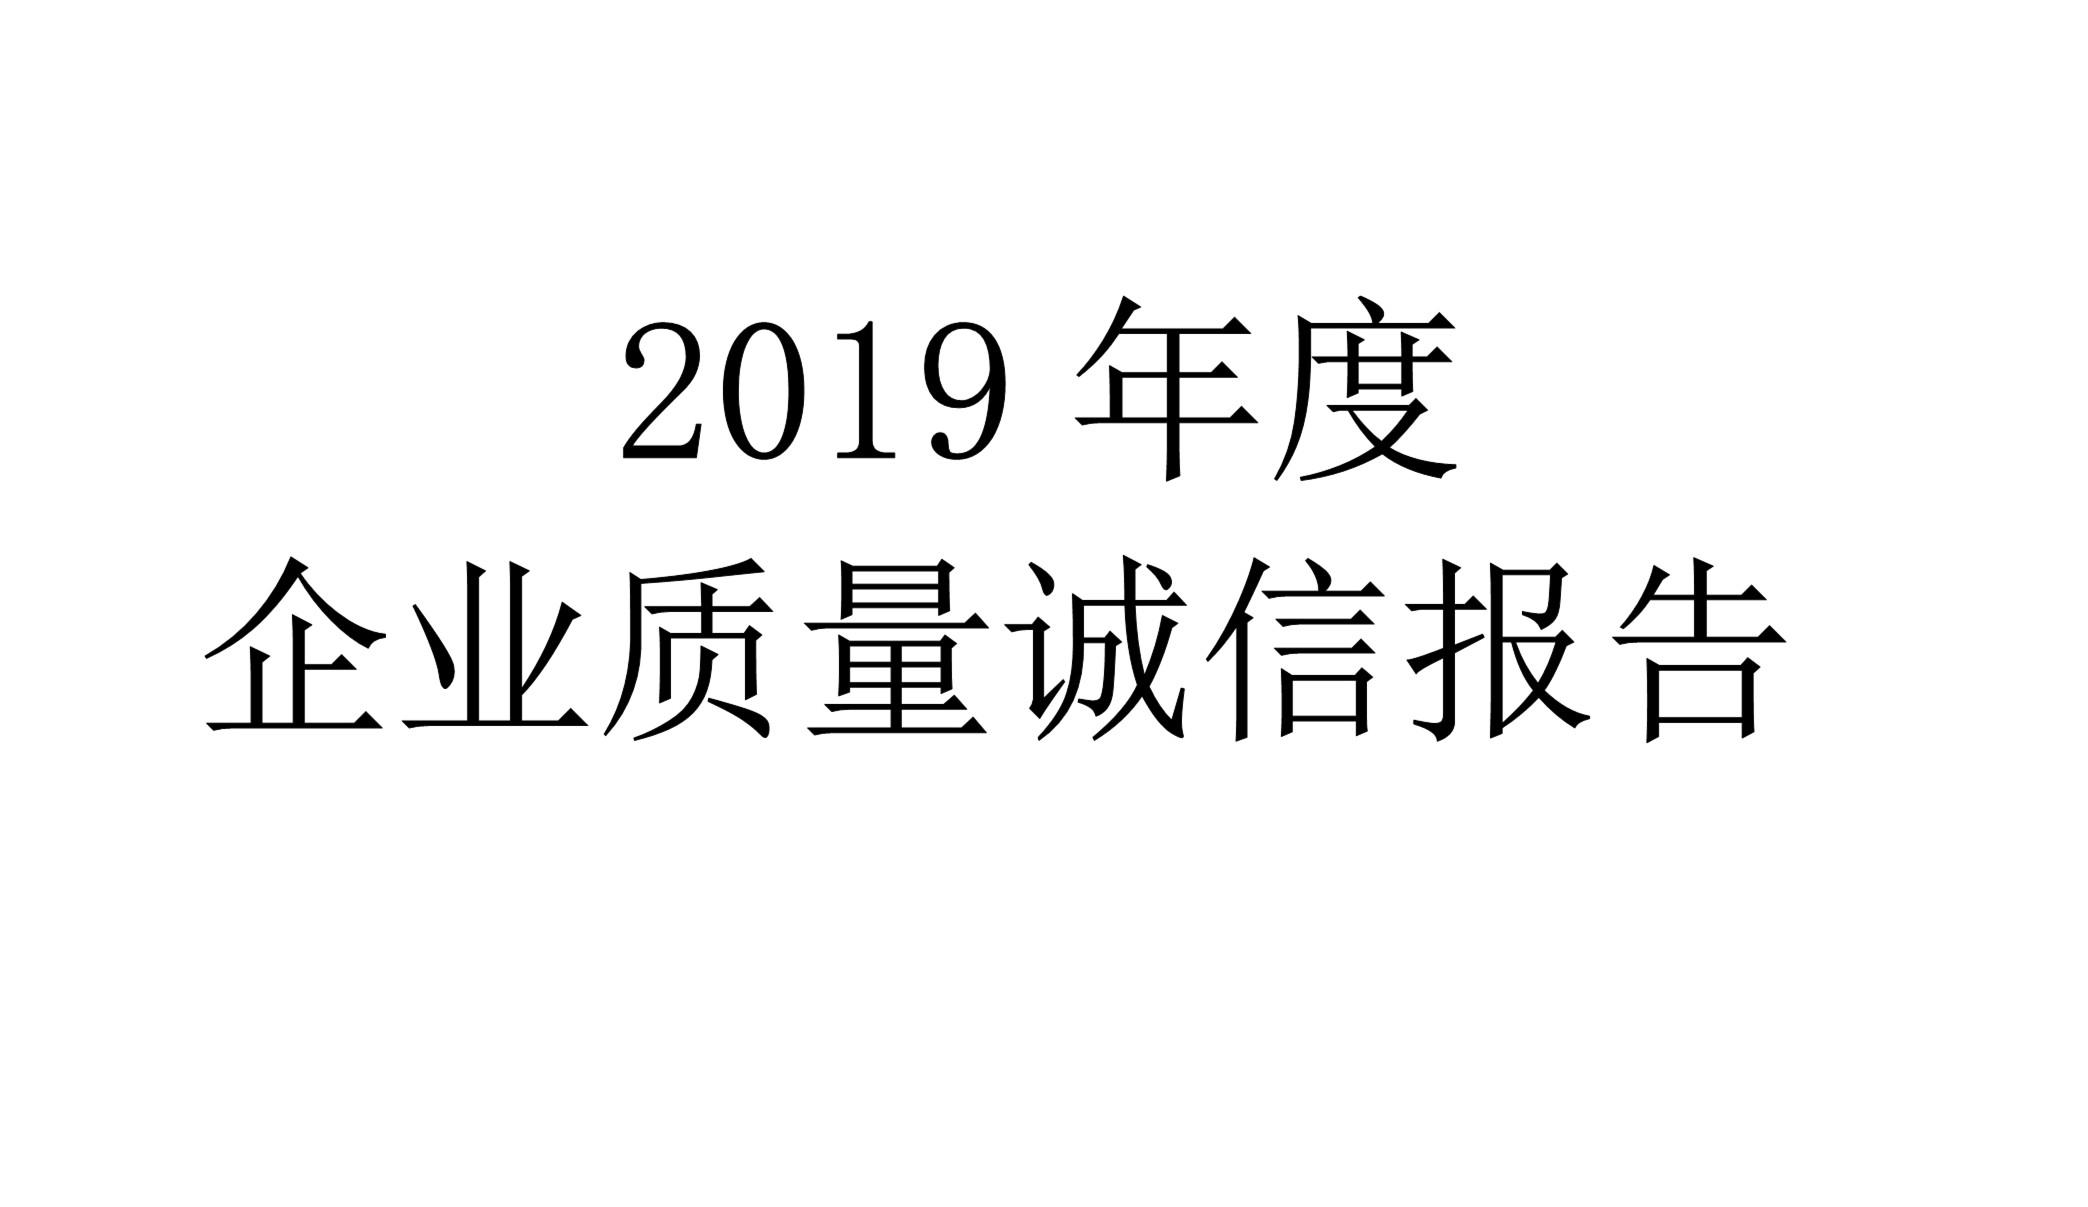 2019年度世友企业质量诚信报告